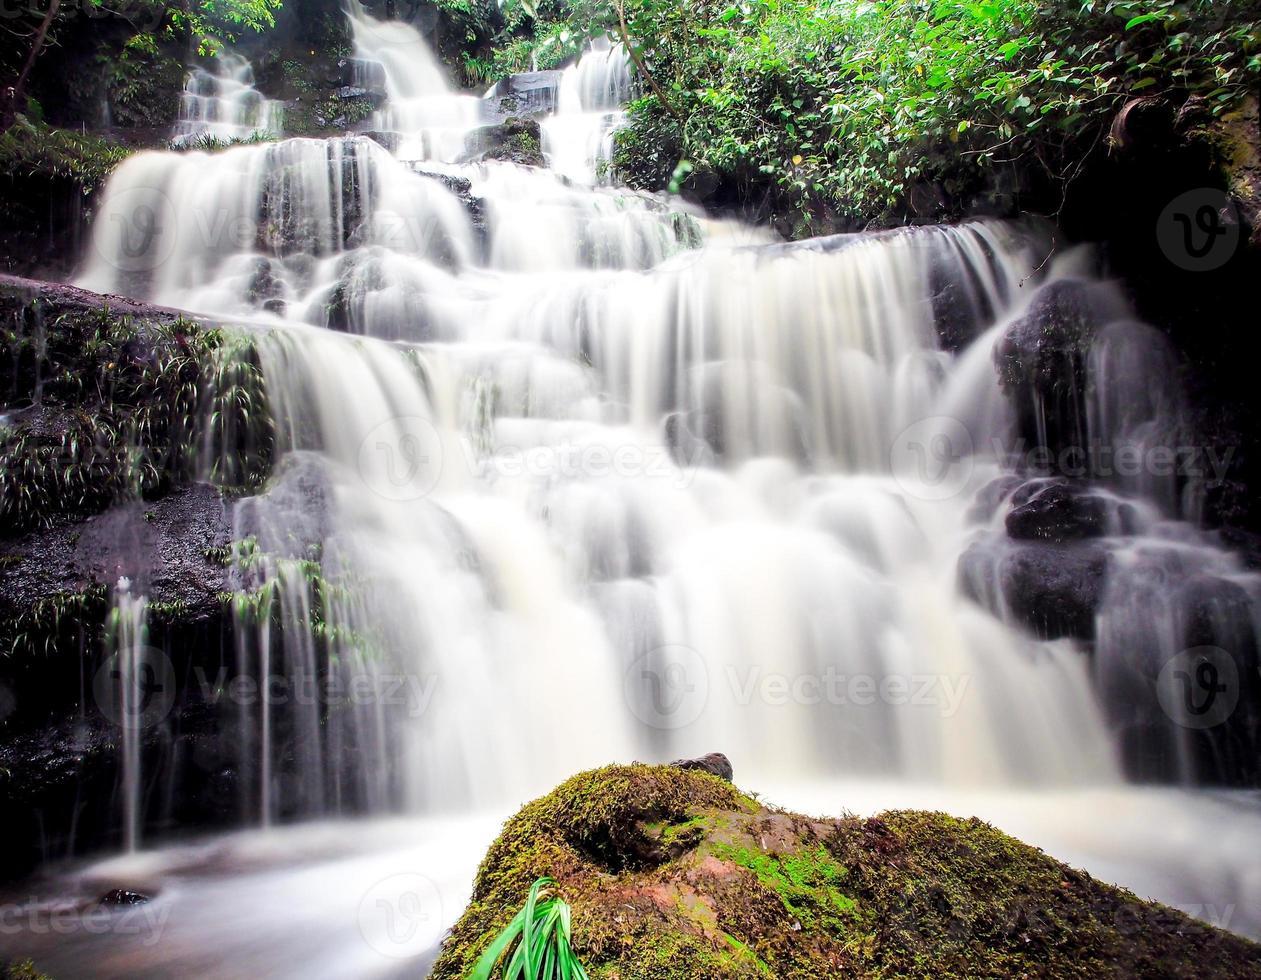 cachoeira mundang, petchaboon, tailândia foto